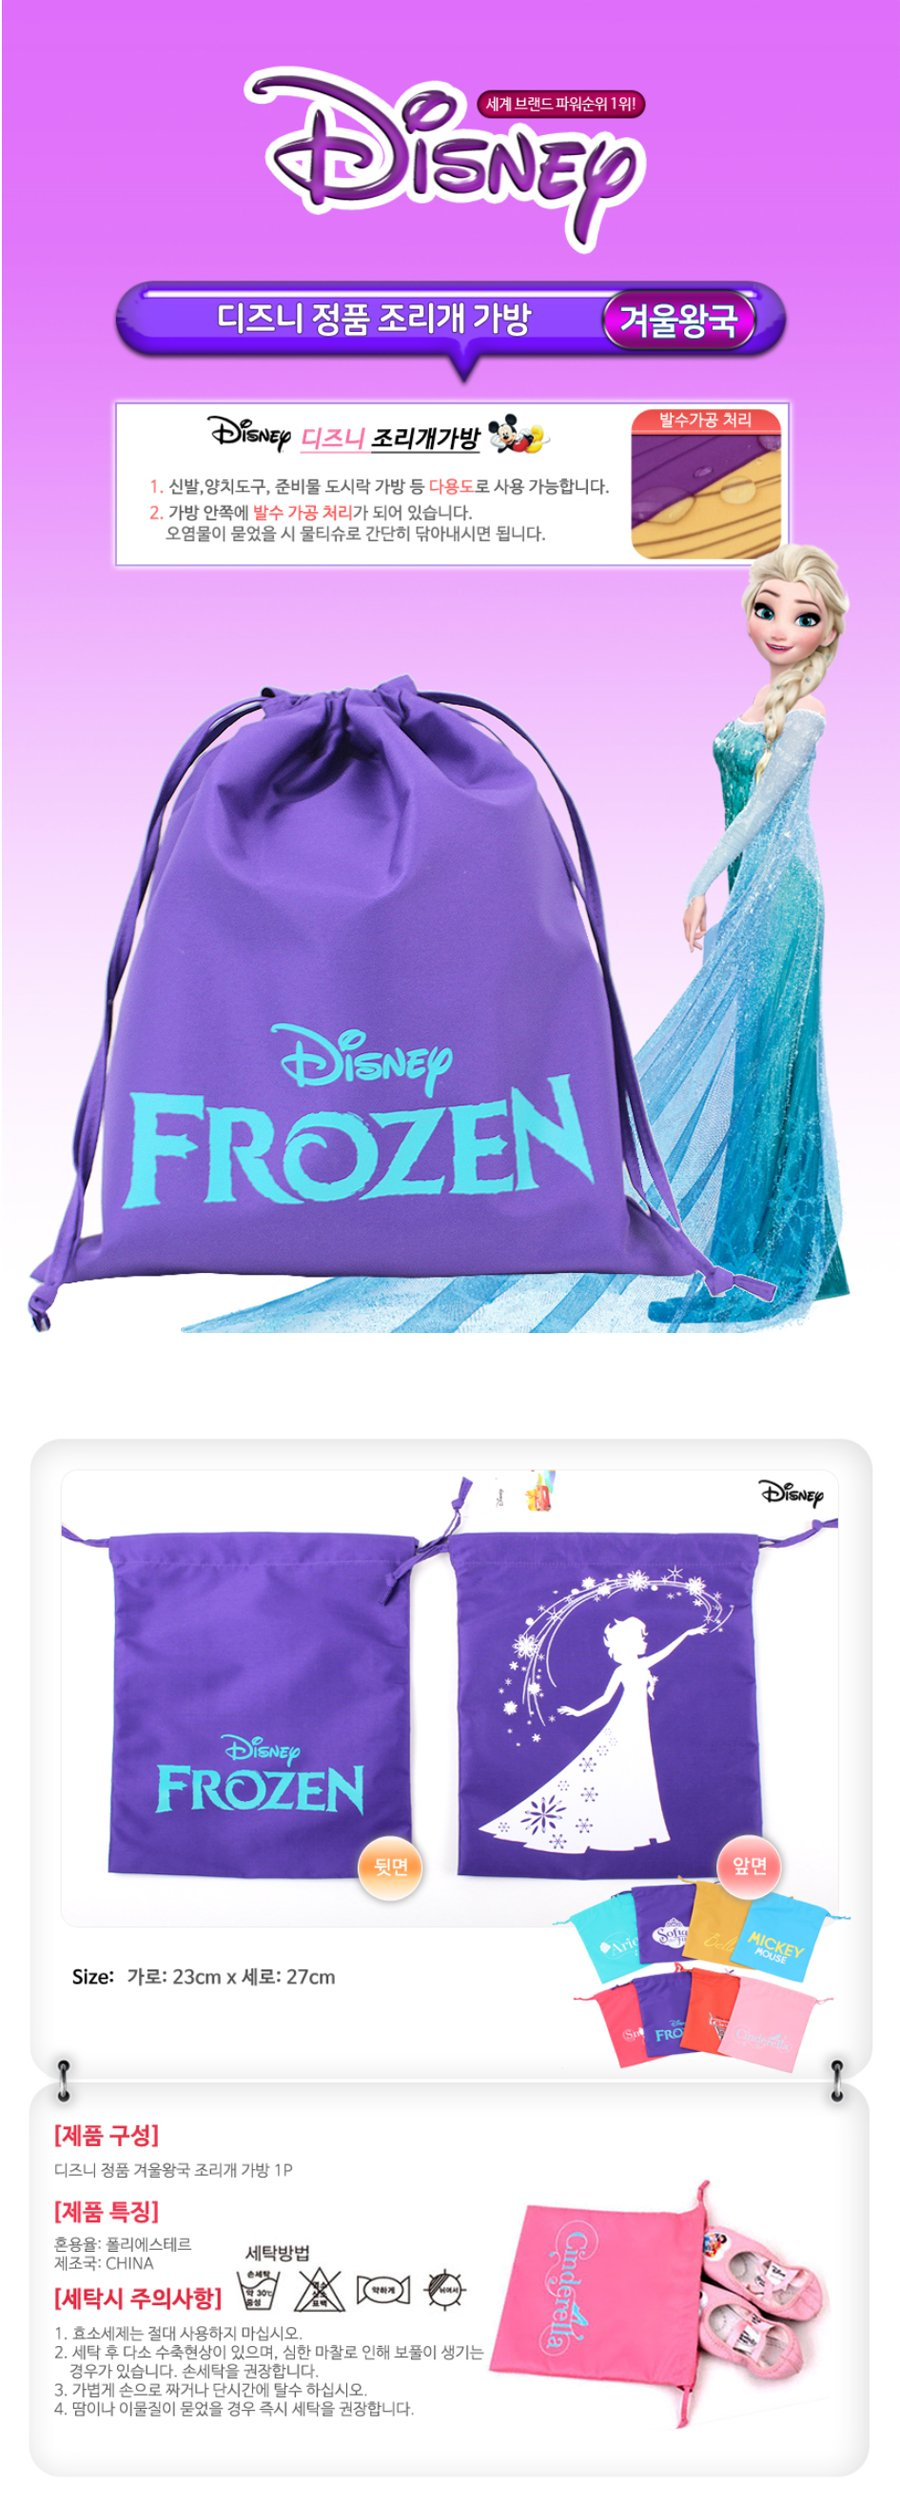 디즈니 겨울왕국 발레 조리개 가방 - 썸몰, 4,500원, 가방, 보조가방